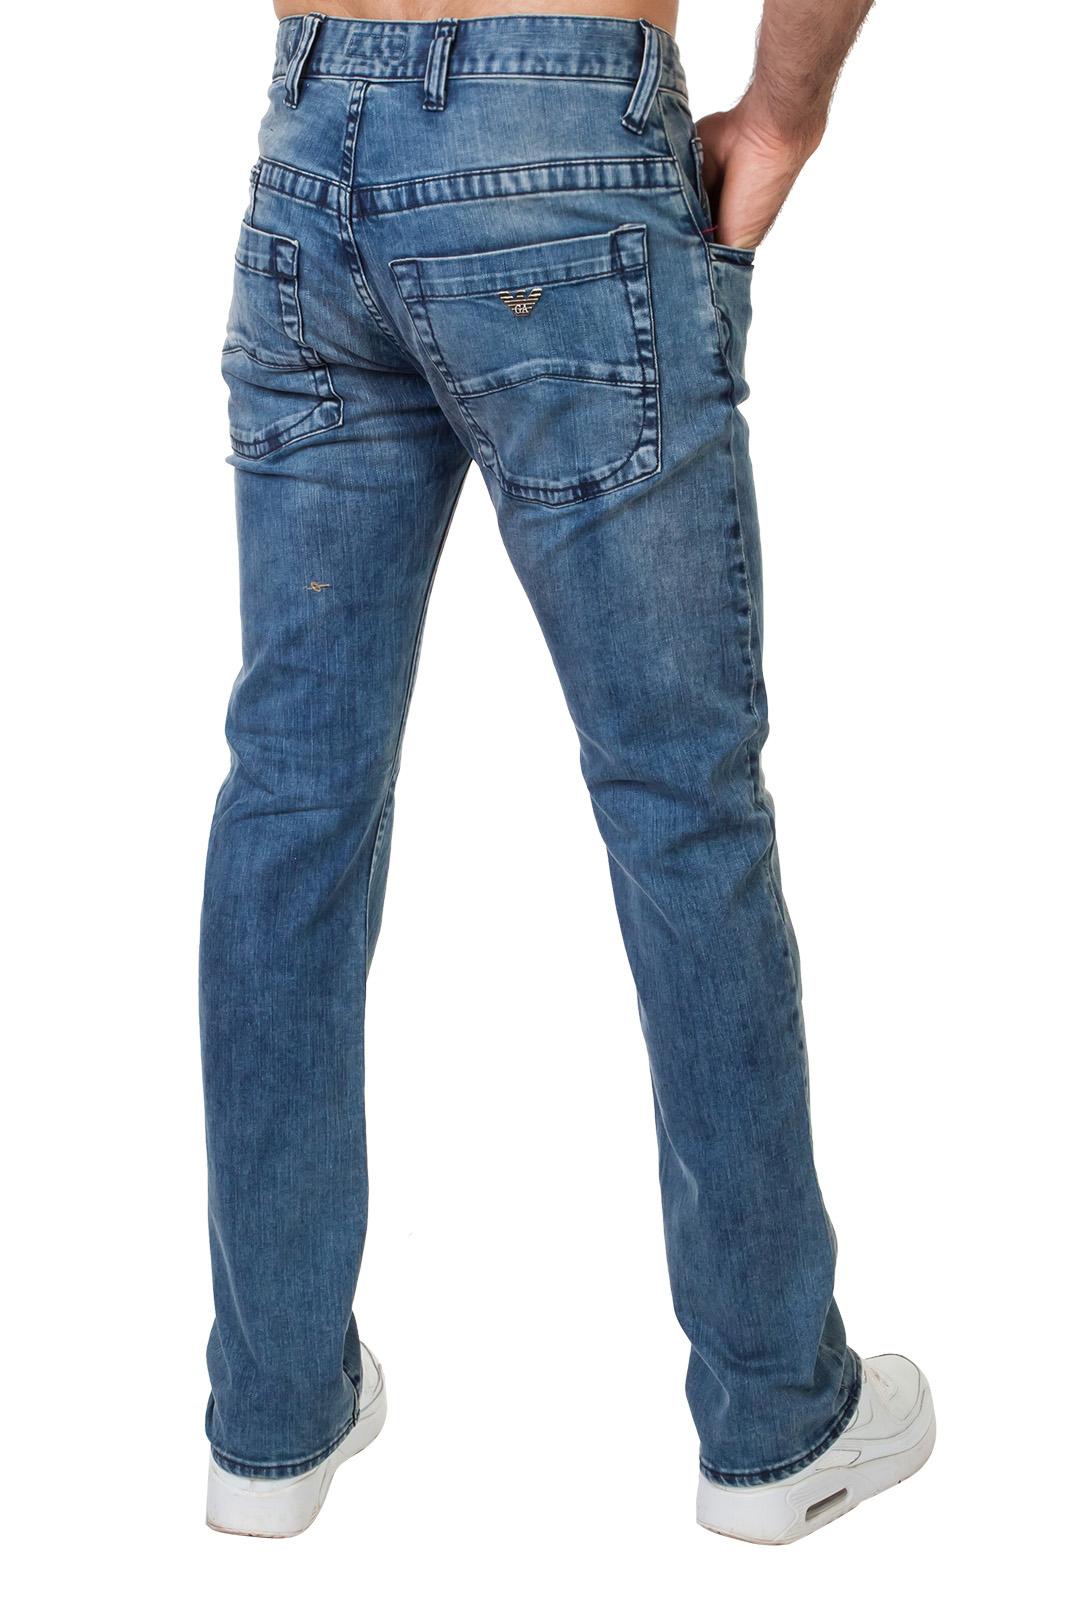 Дизайнерские джинсы для мужчин – ХИТ продаж по цене 1499 р